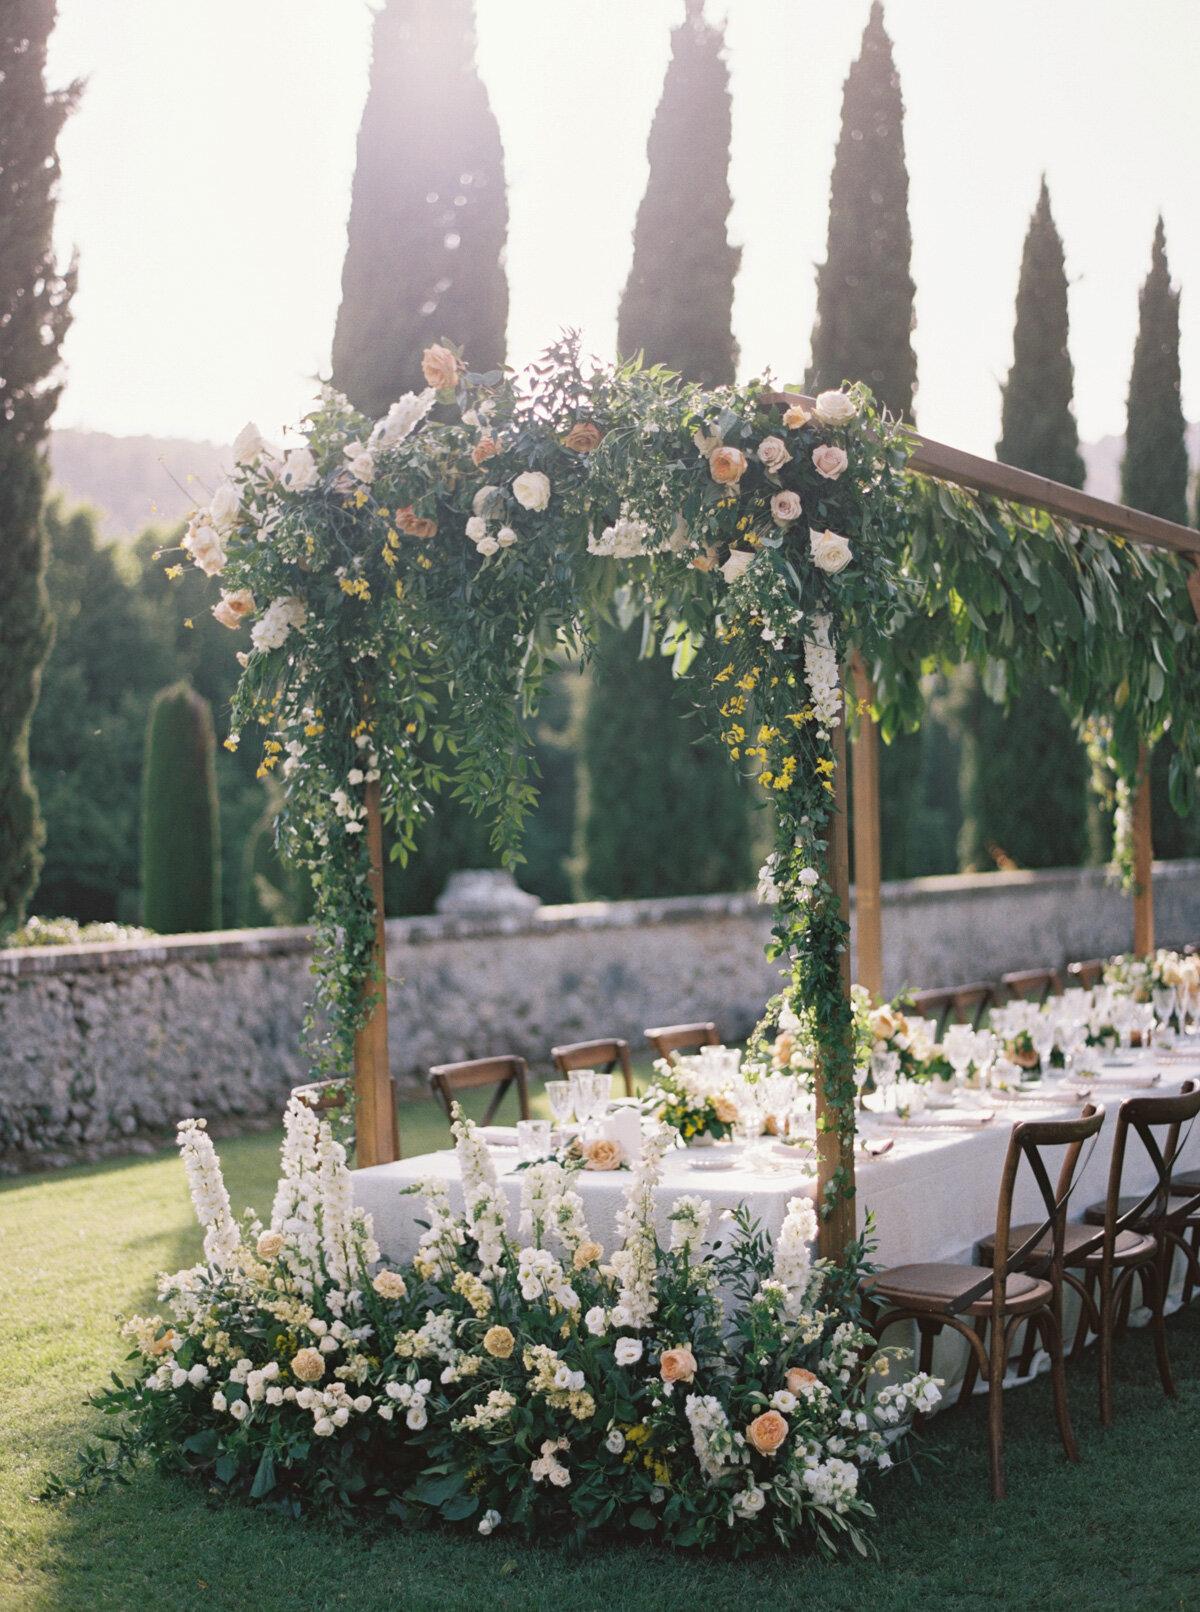 Villa-Cetinale-Tuscany-Katie-Grant-destination-wedding (94 of 115).jpg